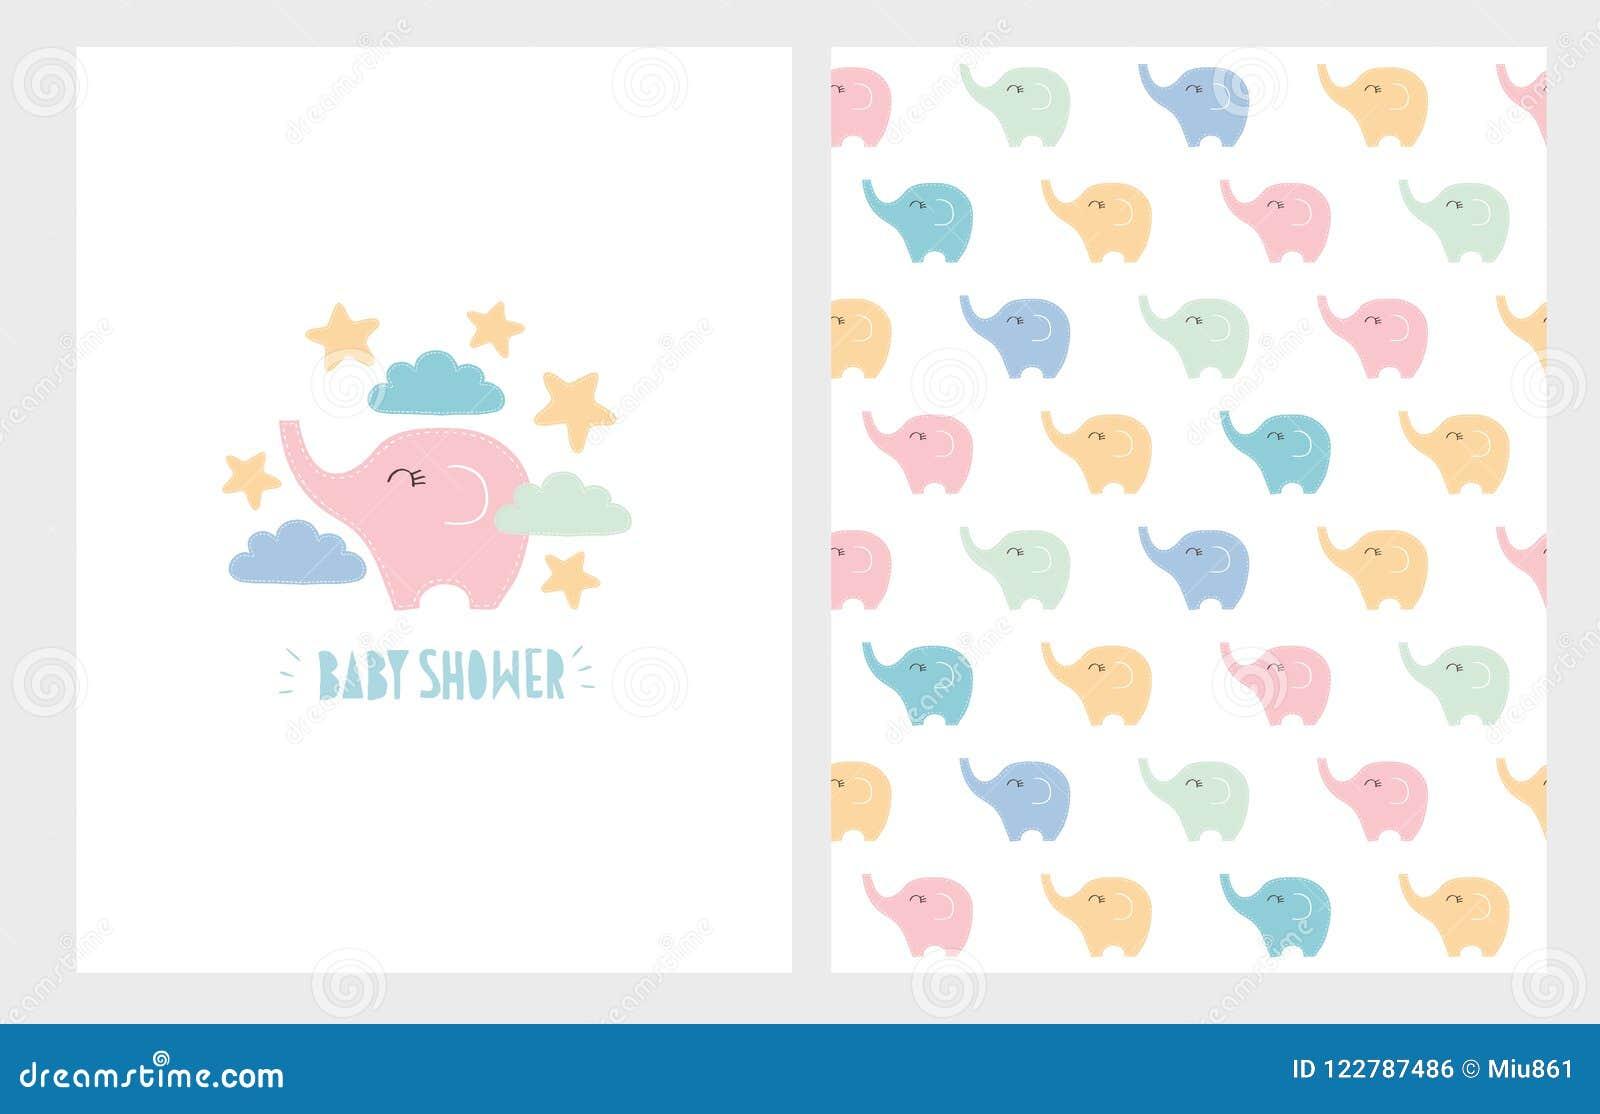 Gullig dragen illustrationuppsättning för baby shower hand Liten elefantkort och modell för pastellfärgade färger